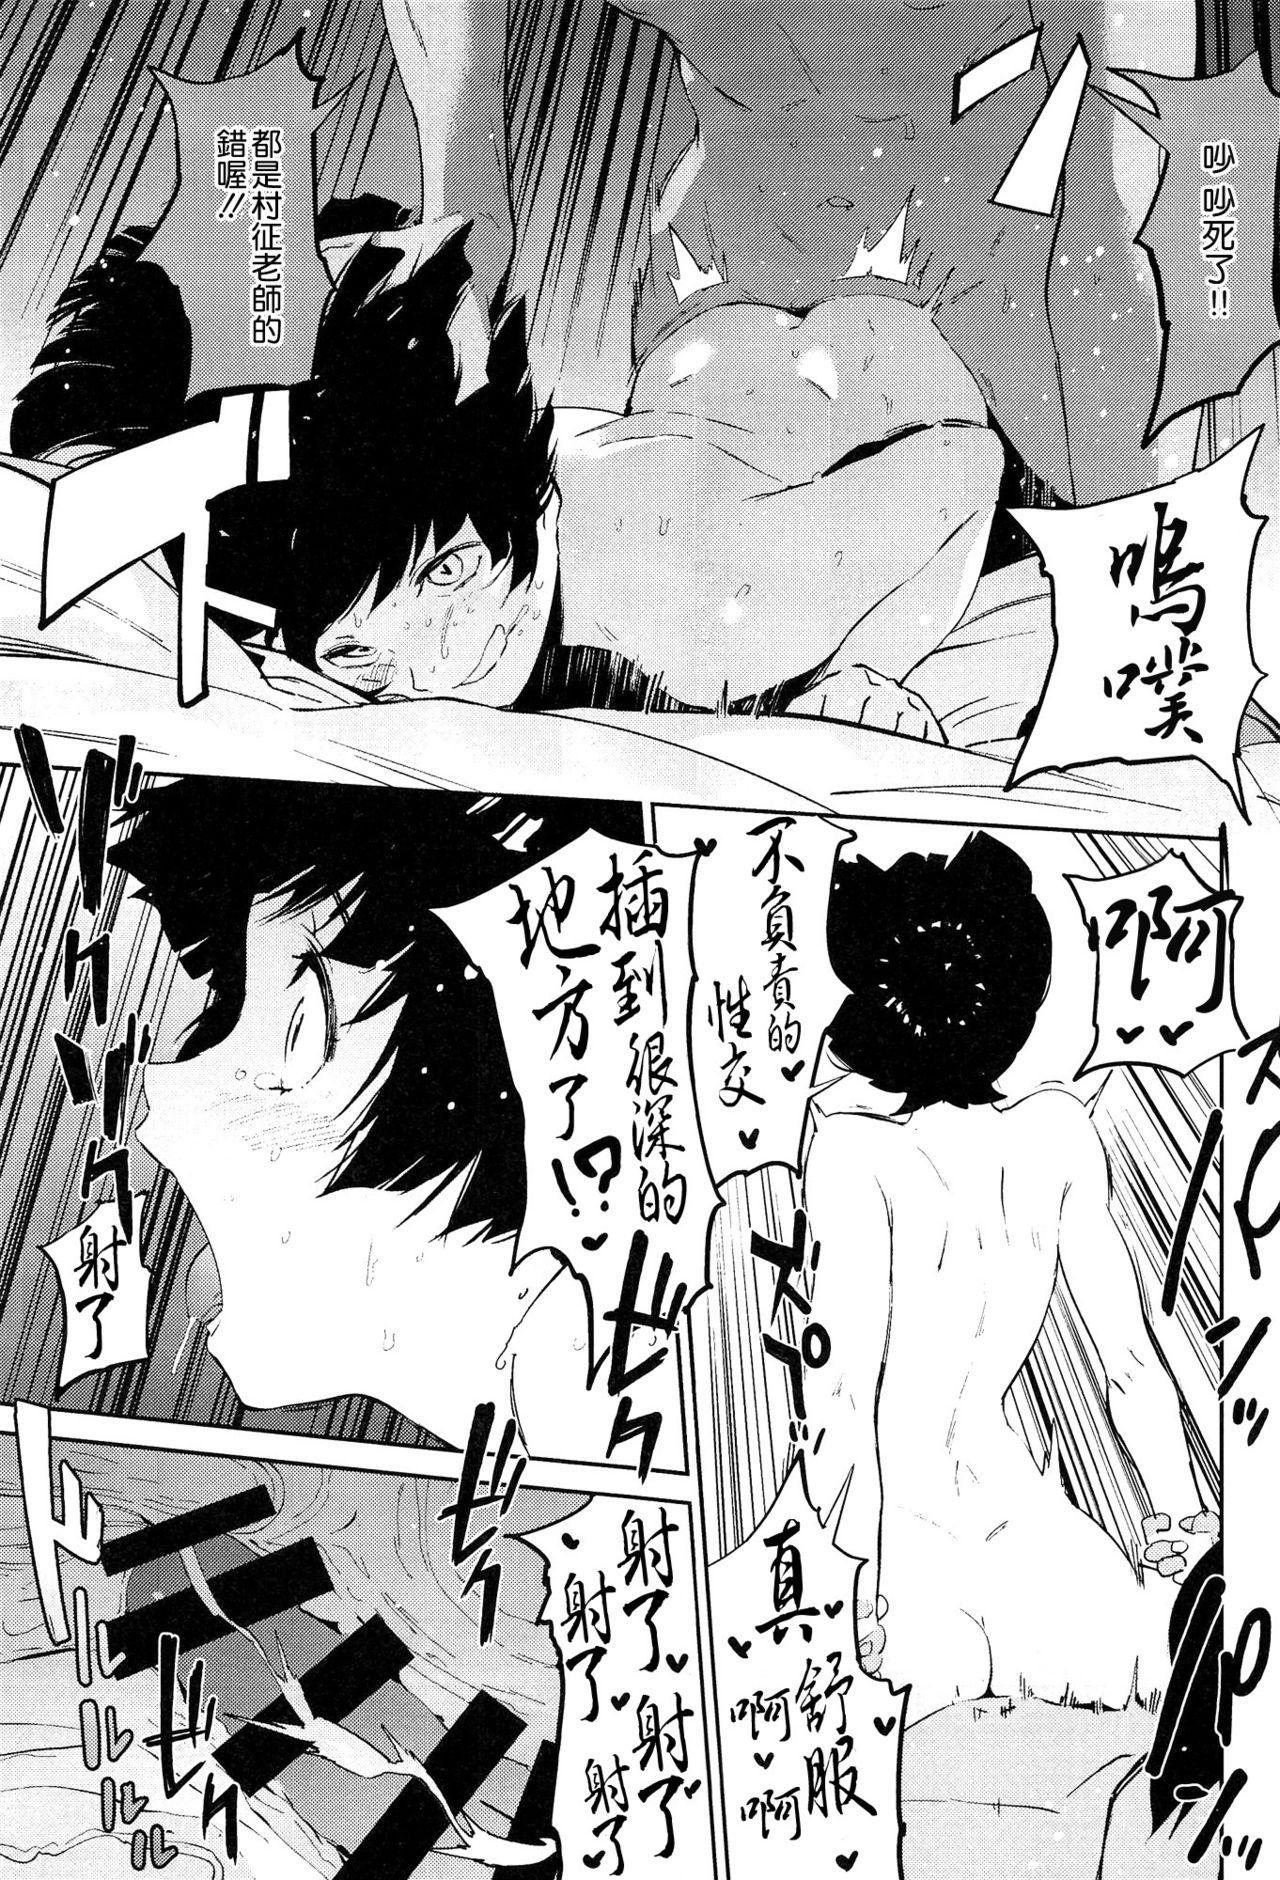 Muramasa-senpai no Suki ga Omoi 18